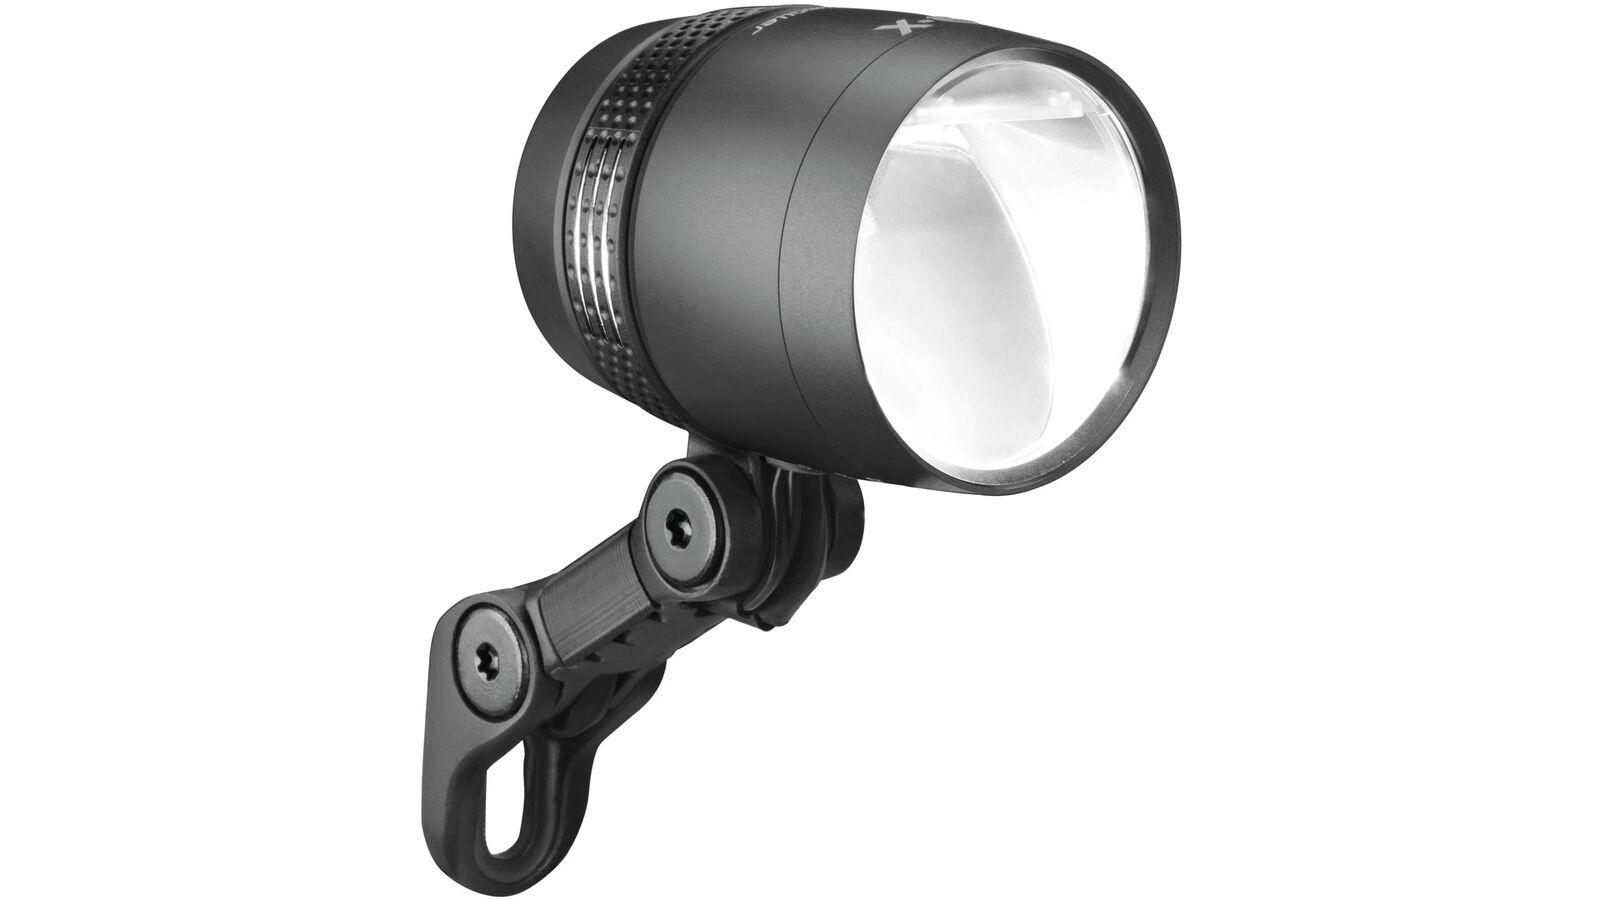 0.710.701 4 B & M LED Scheinwerfer Lumotec IQ-X 100 Lux Tagfahrlicht Sensor